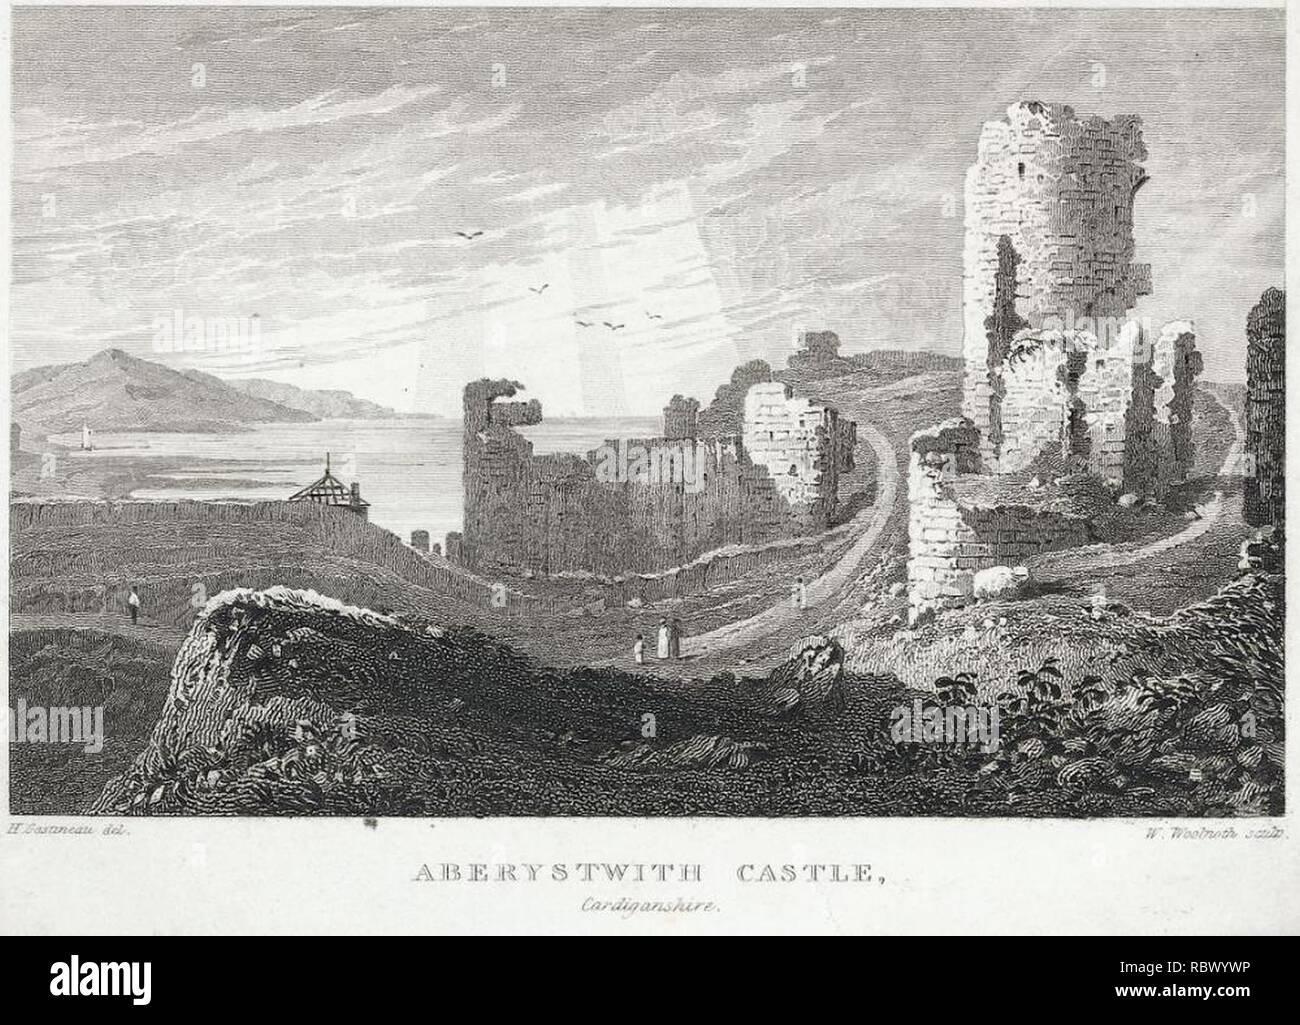 Aberystwith Castle, Cardiganshire (1133002). - Stock Image